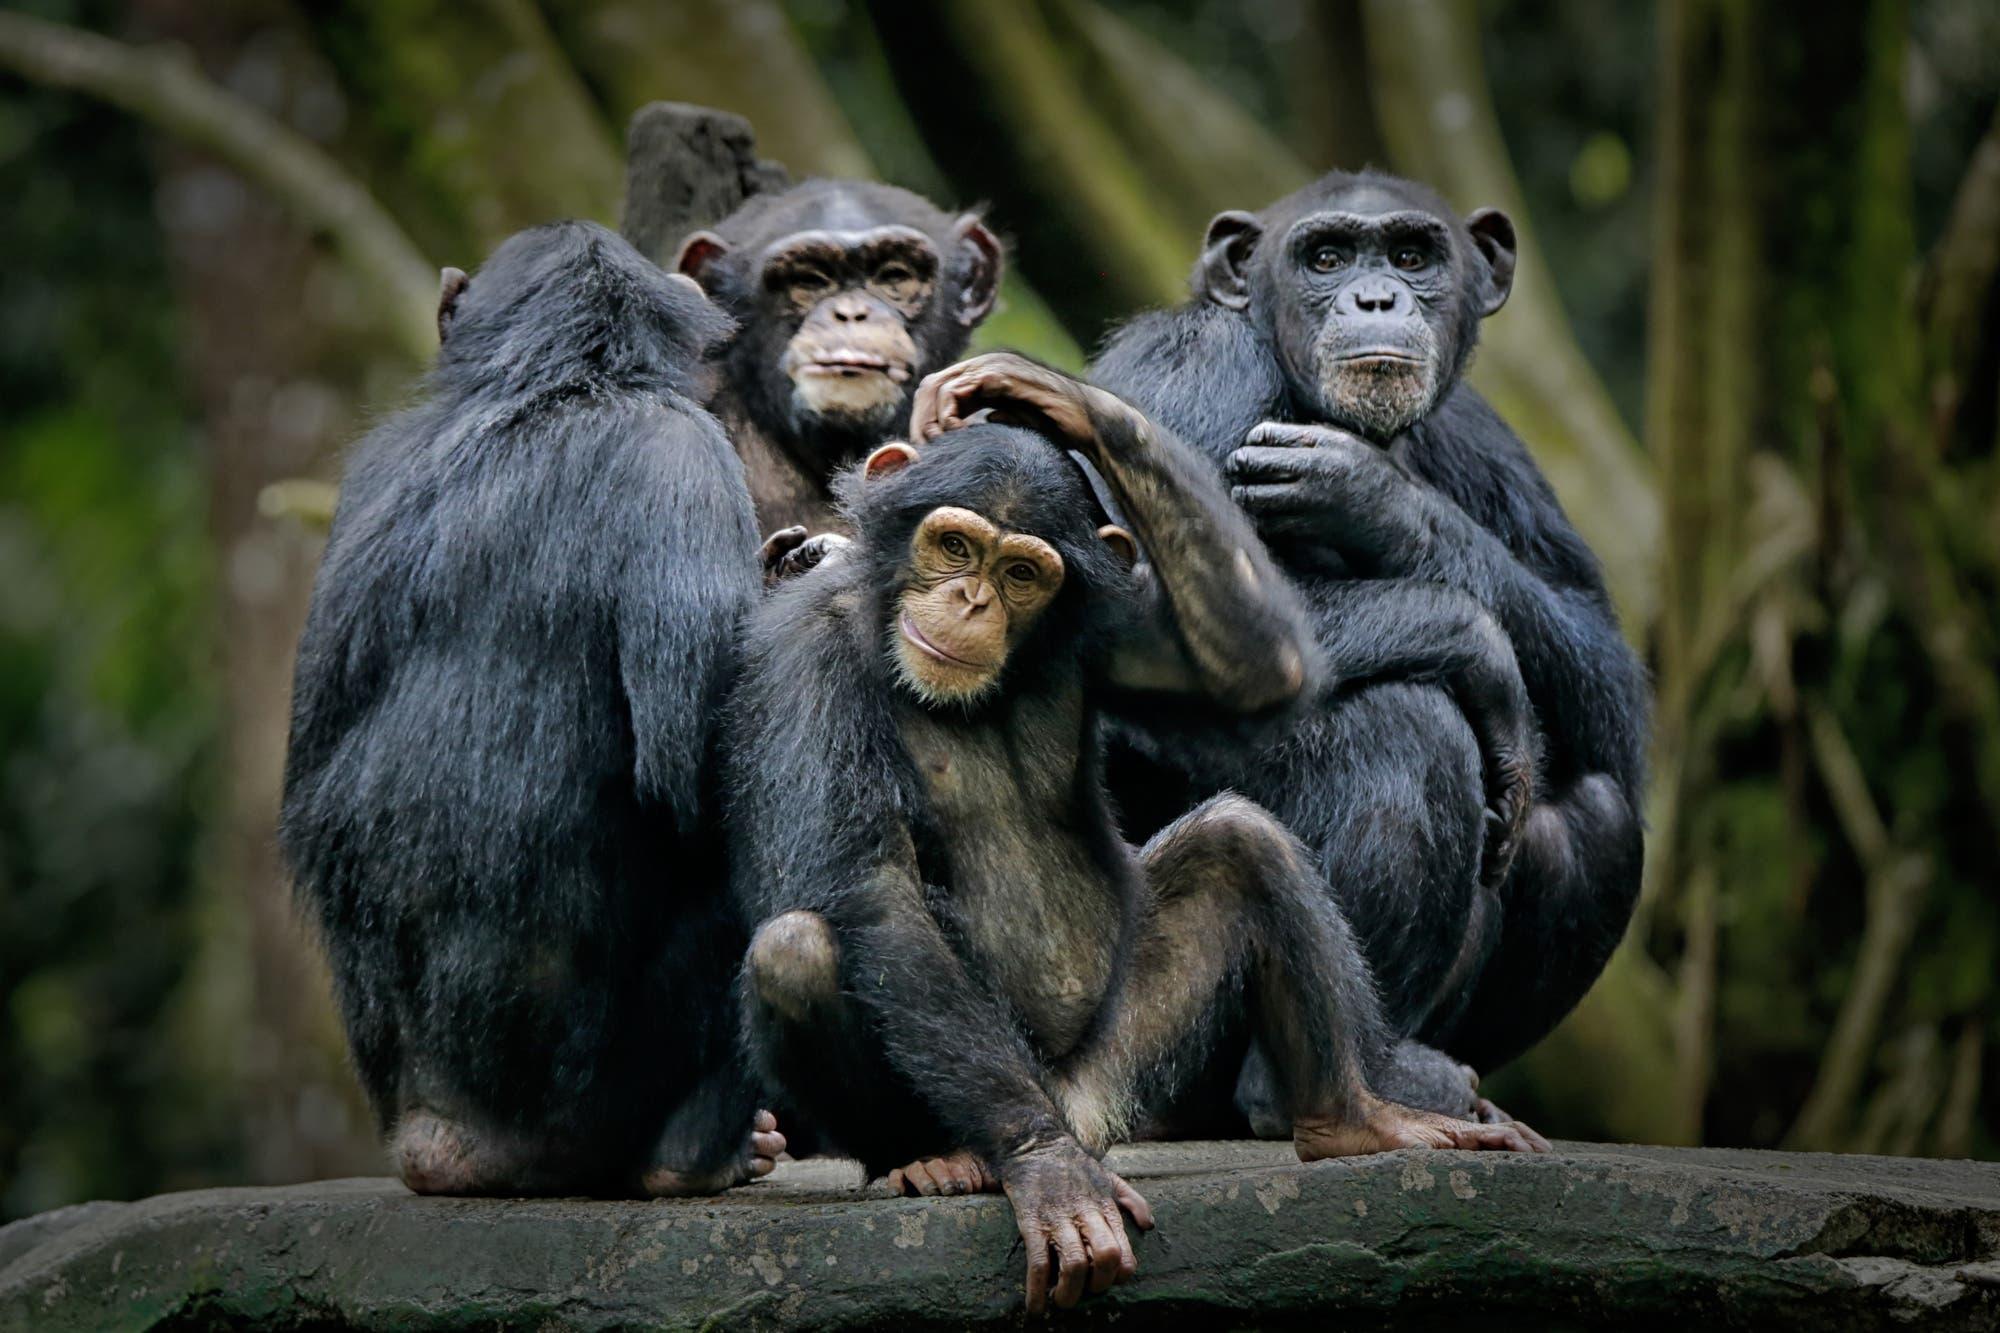 El reconocimiento facial ahora se utiliza para mejorar el estudio de los chimpancés